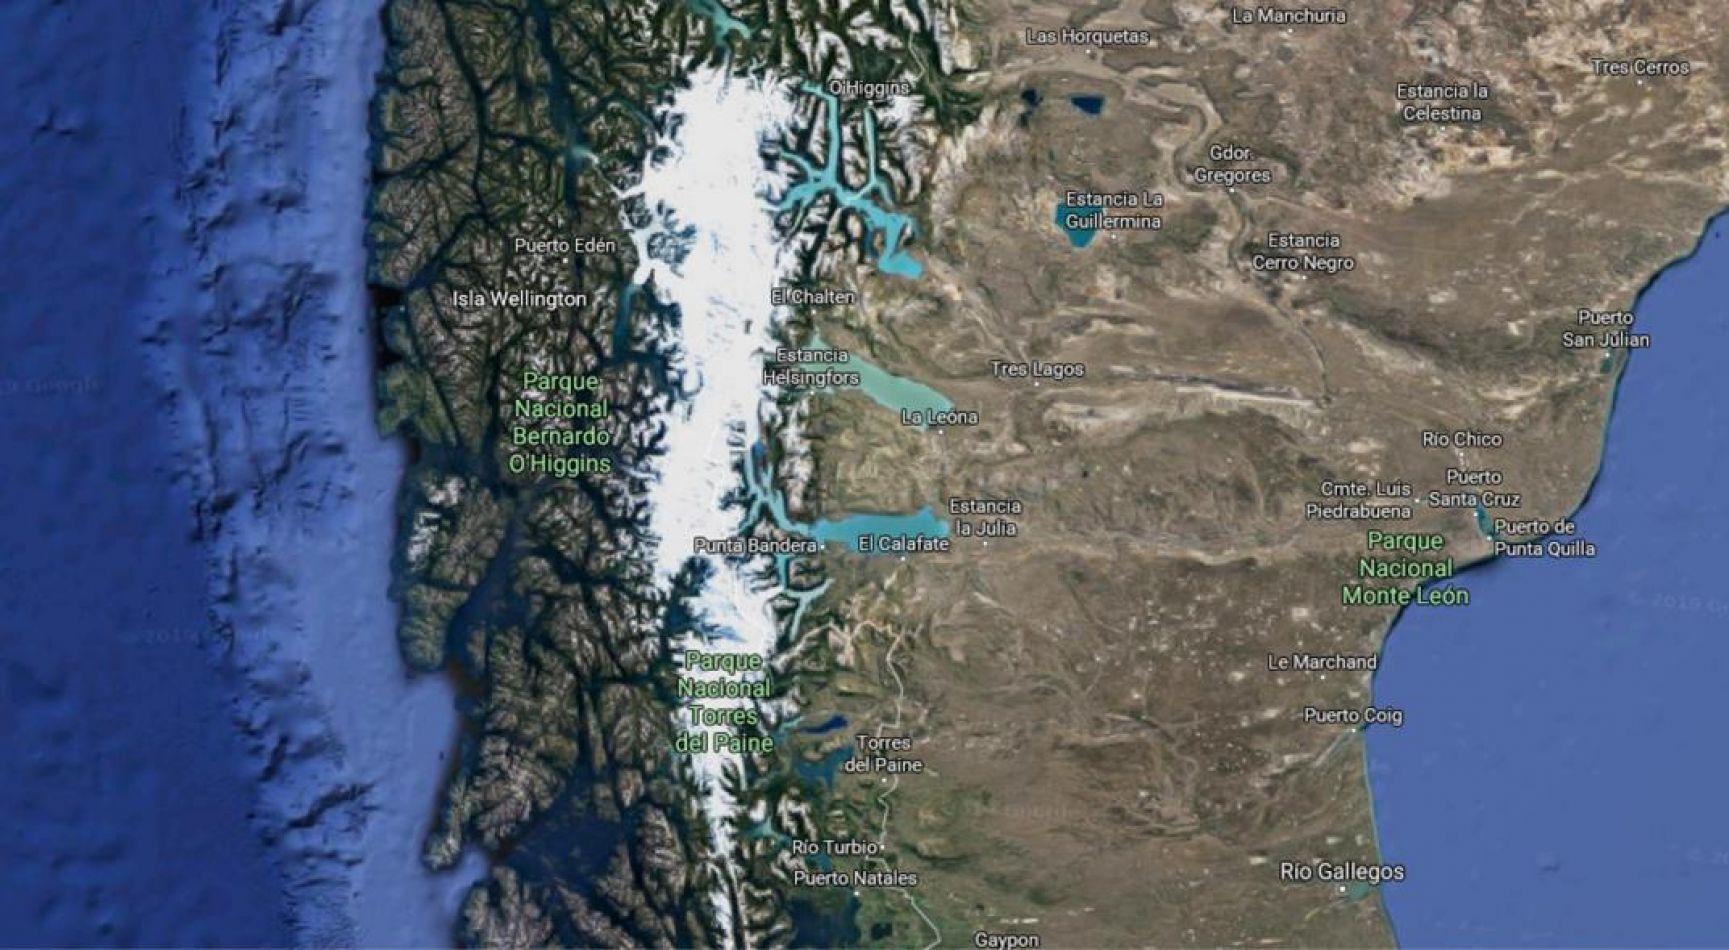 El hallazgo se realizó en un sobrevuelo que realizó personal de la Unidad de Glaciología y Nieves chilena